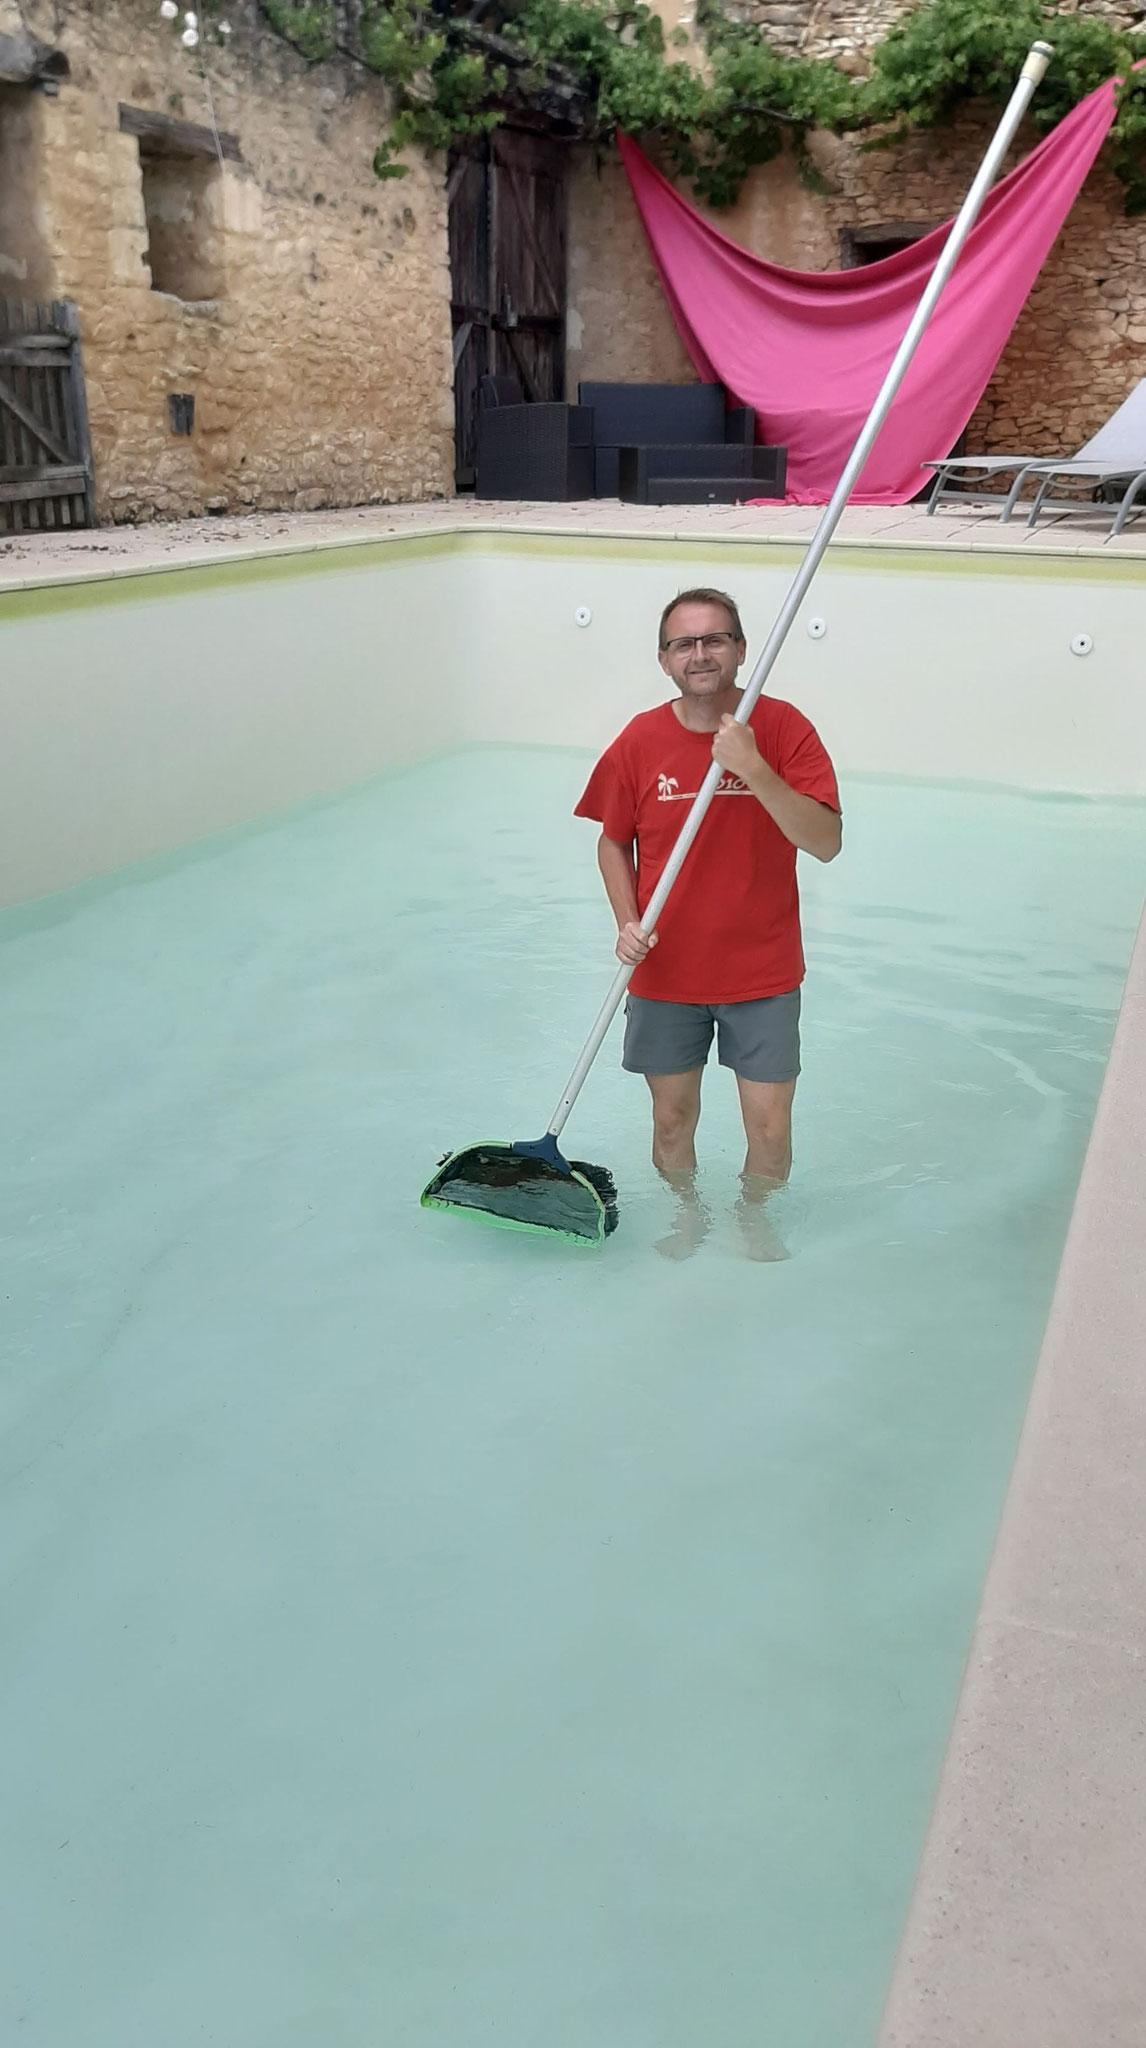 Vidange de la piscine